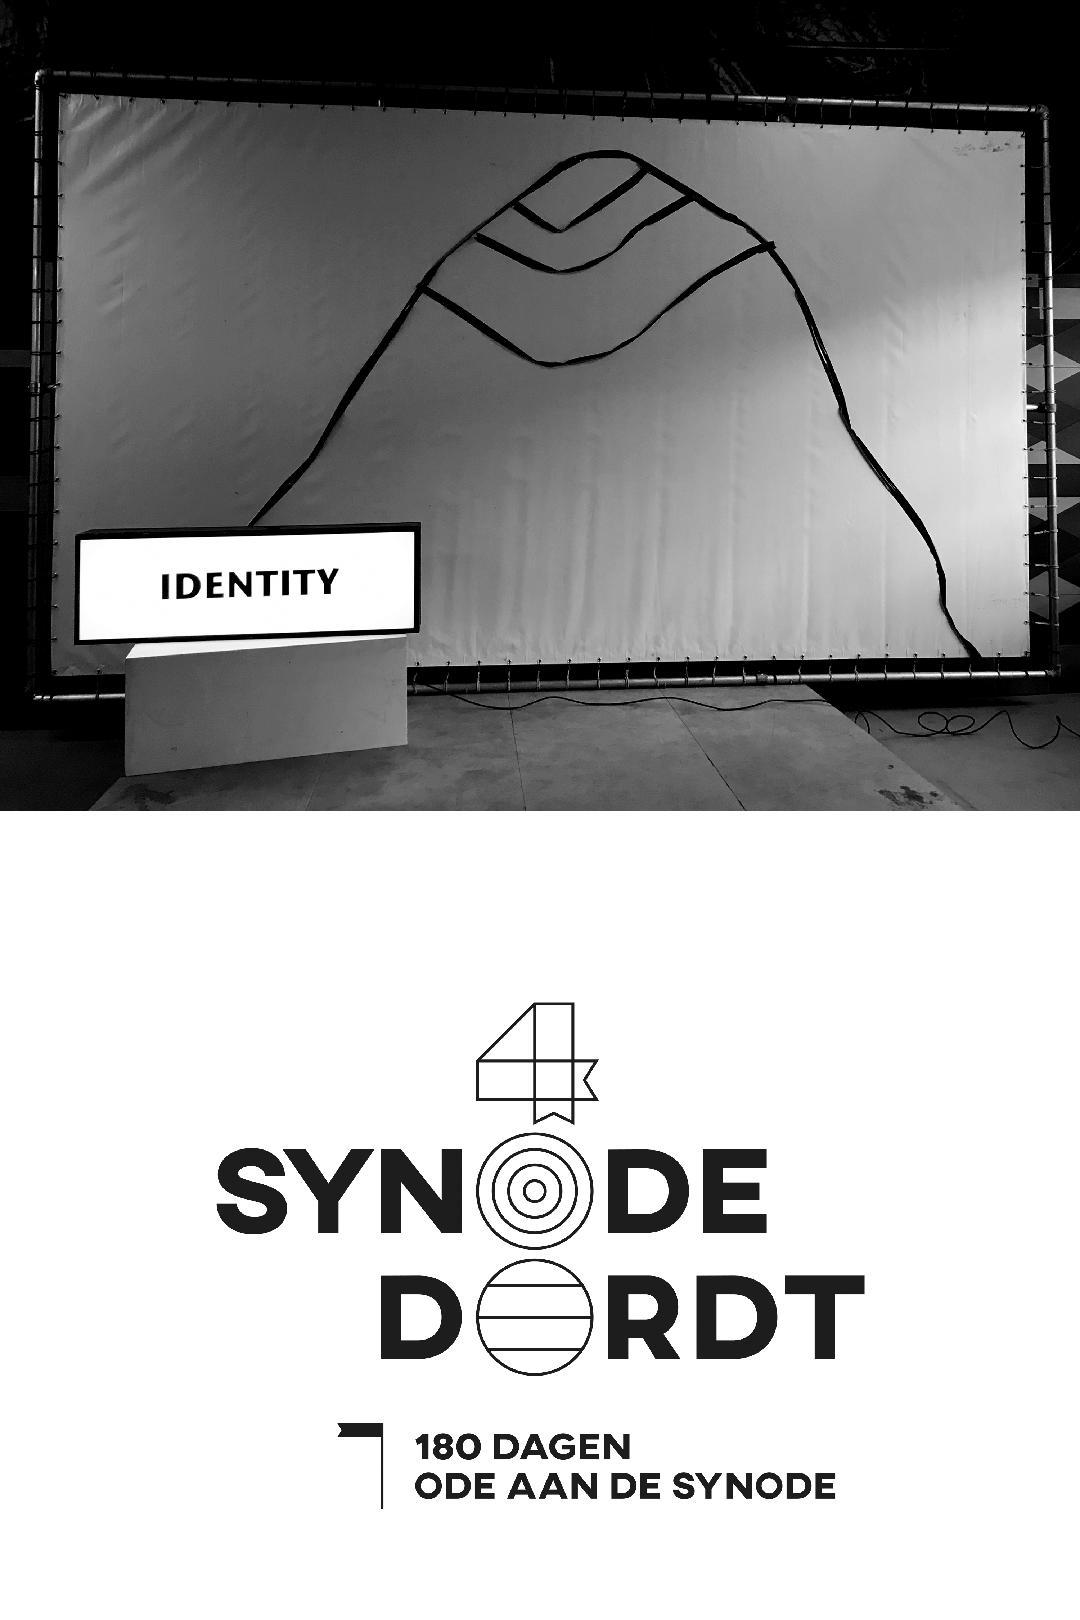 400dort image logo